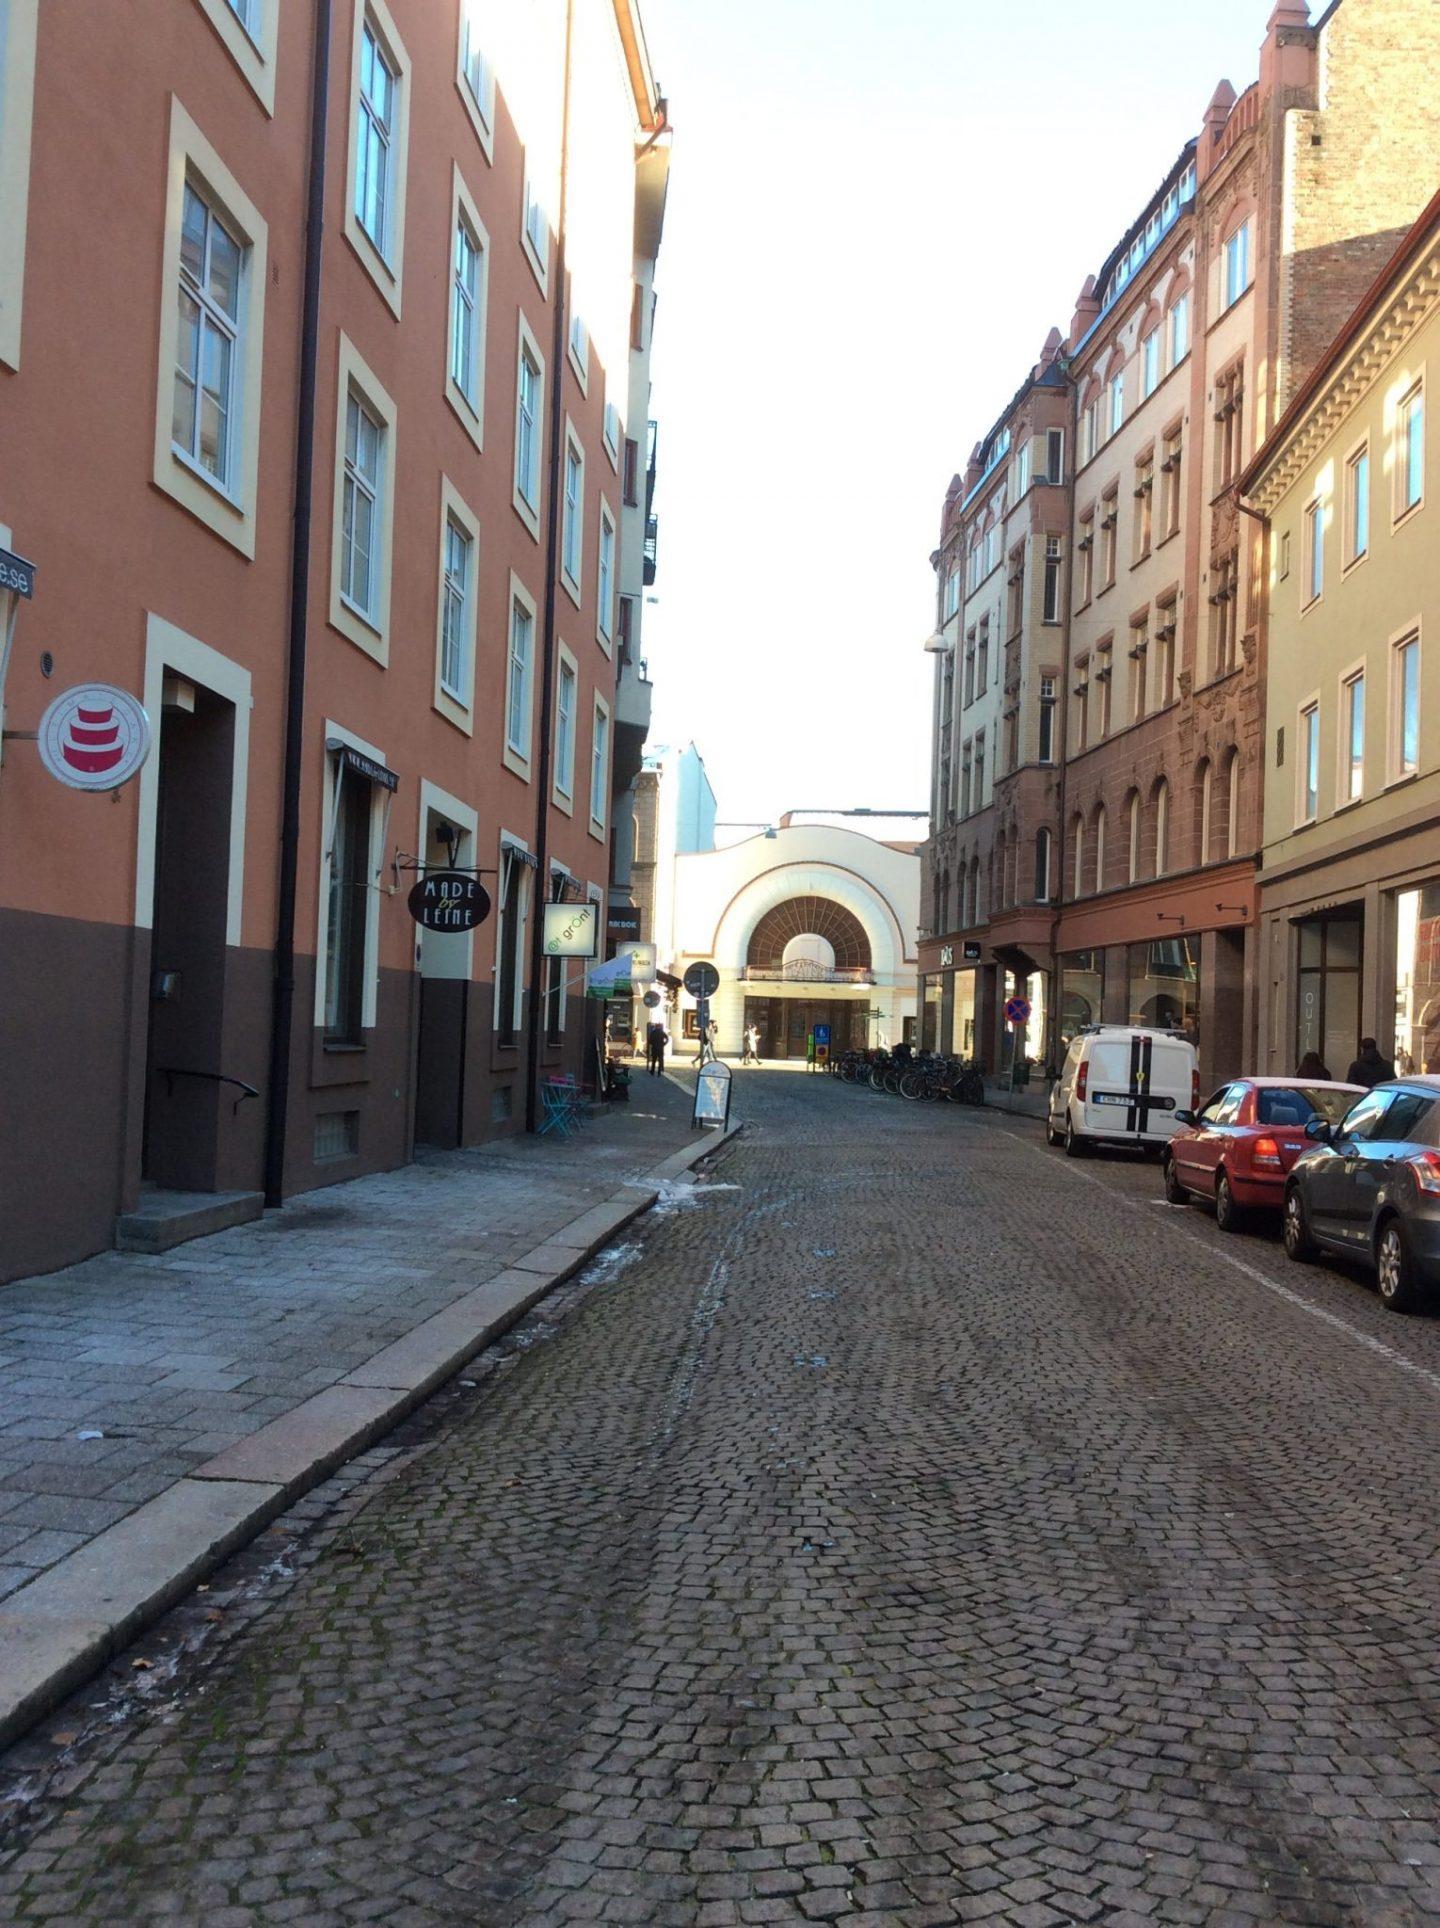 IMG 0143 1440x1928 - Malmö and the history